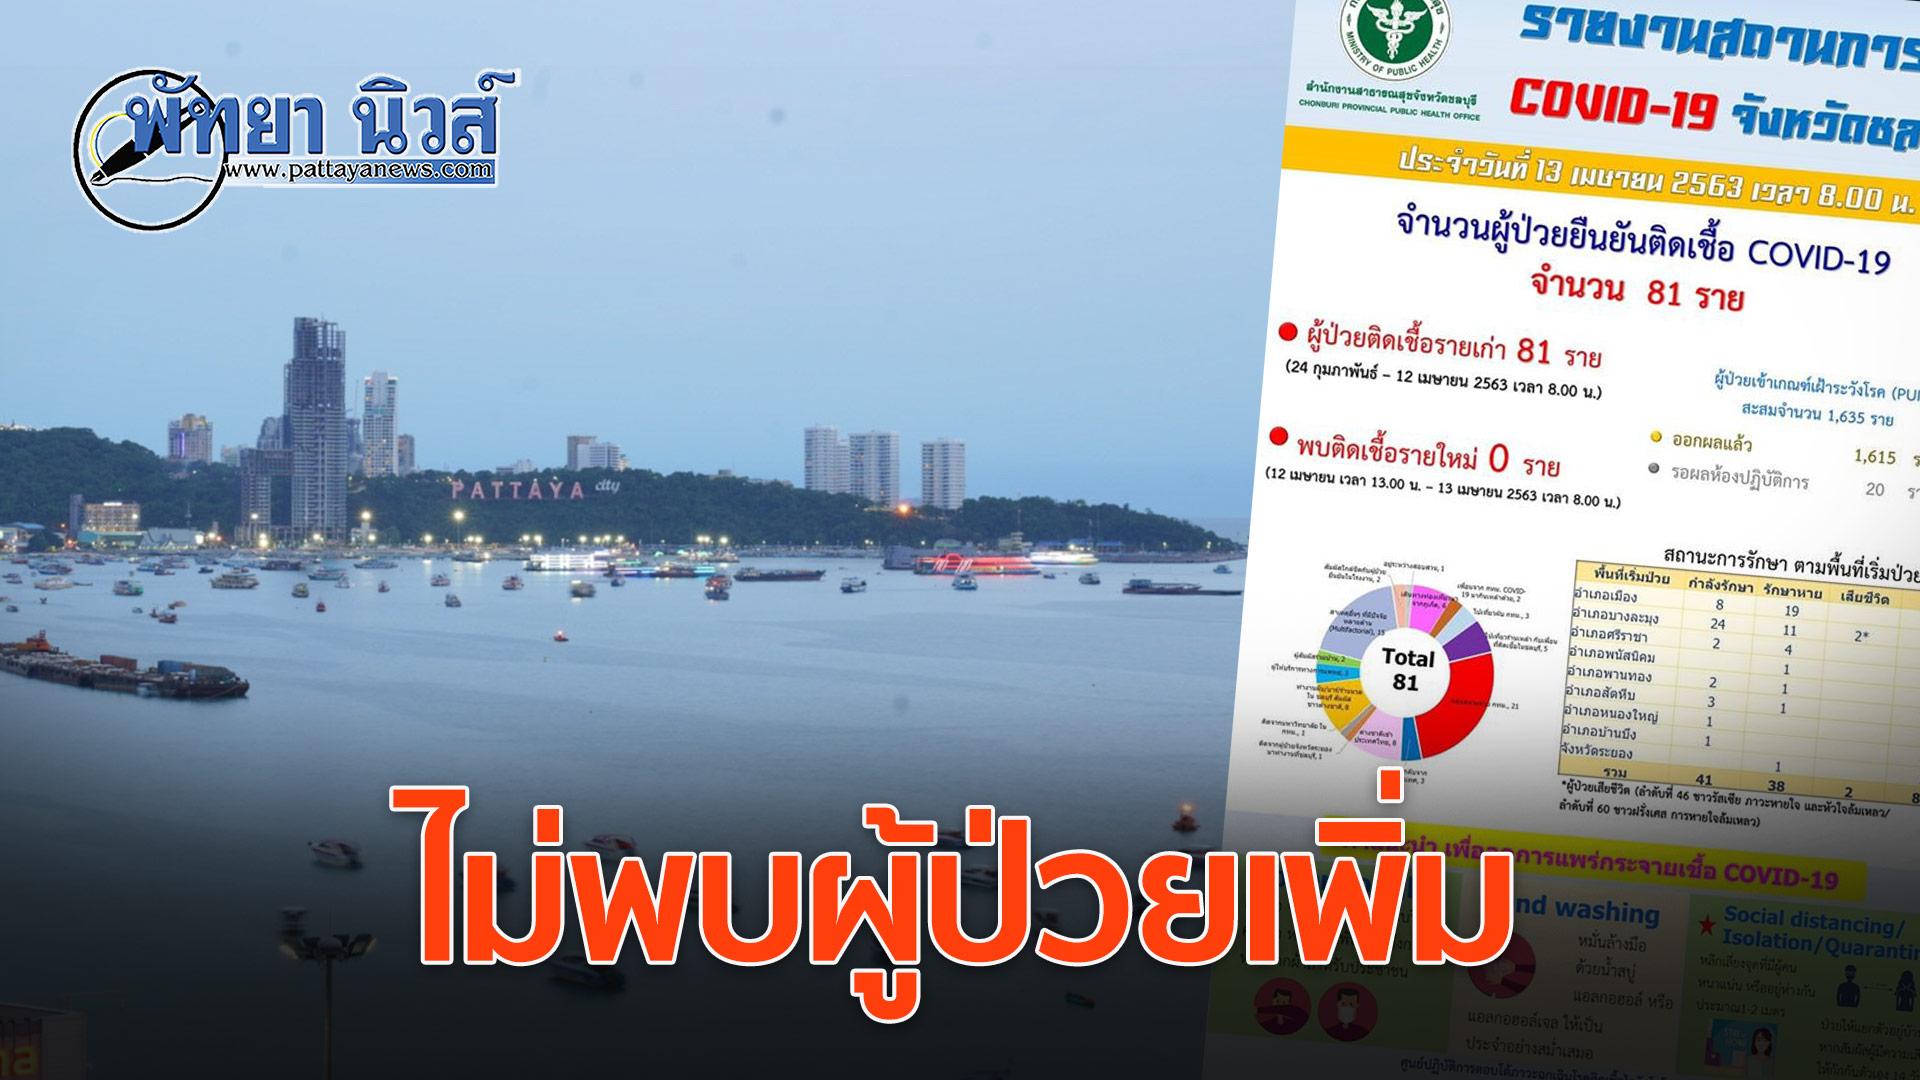 ชลบุรี ไม่พบผู้ติดเชื้อโควิดเพิ่ม รวมสะสมเท่าเดิม 81 ราย